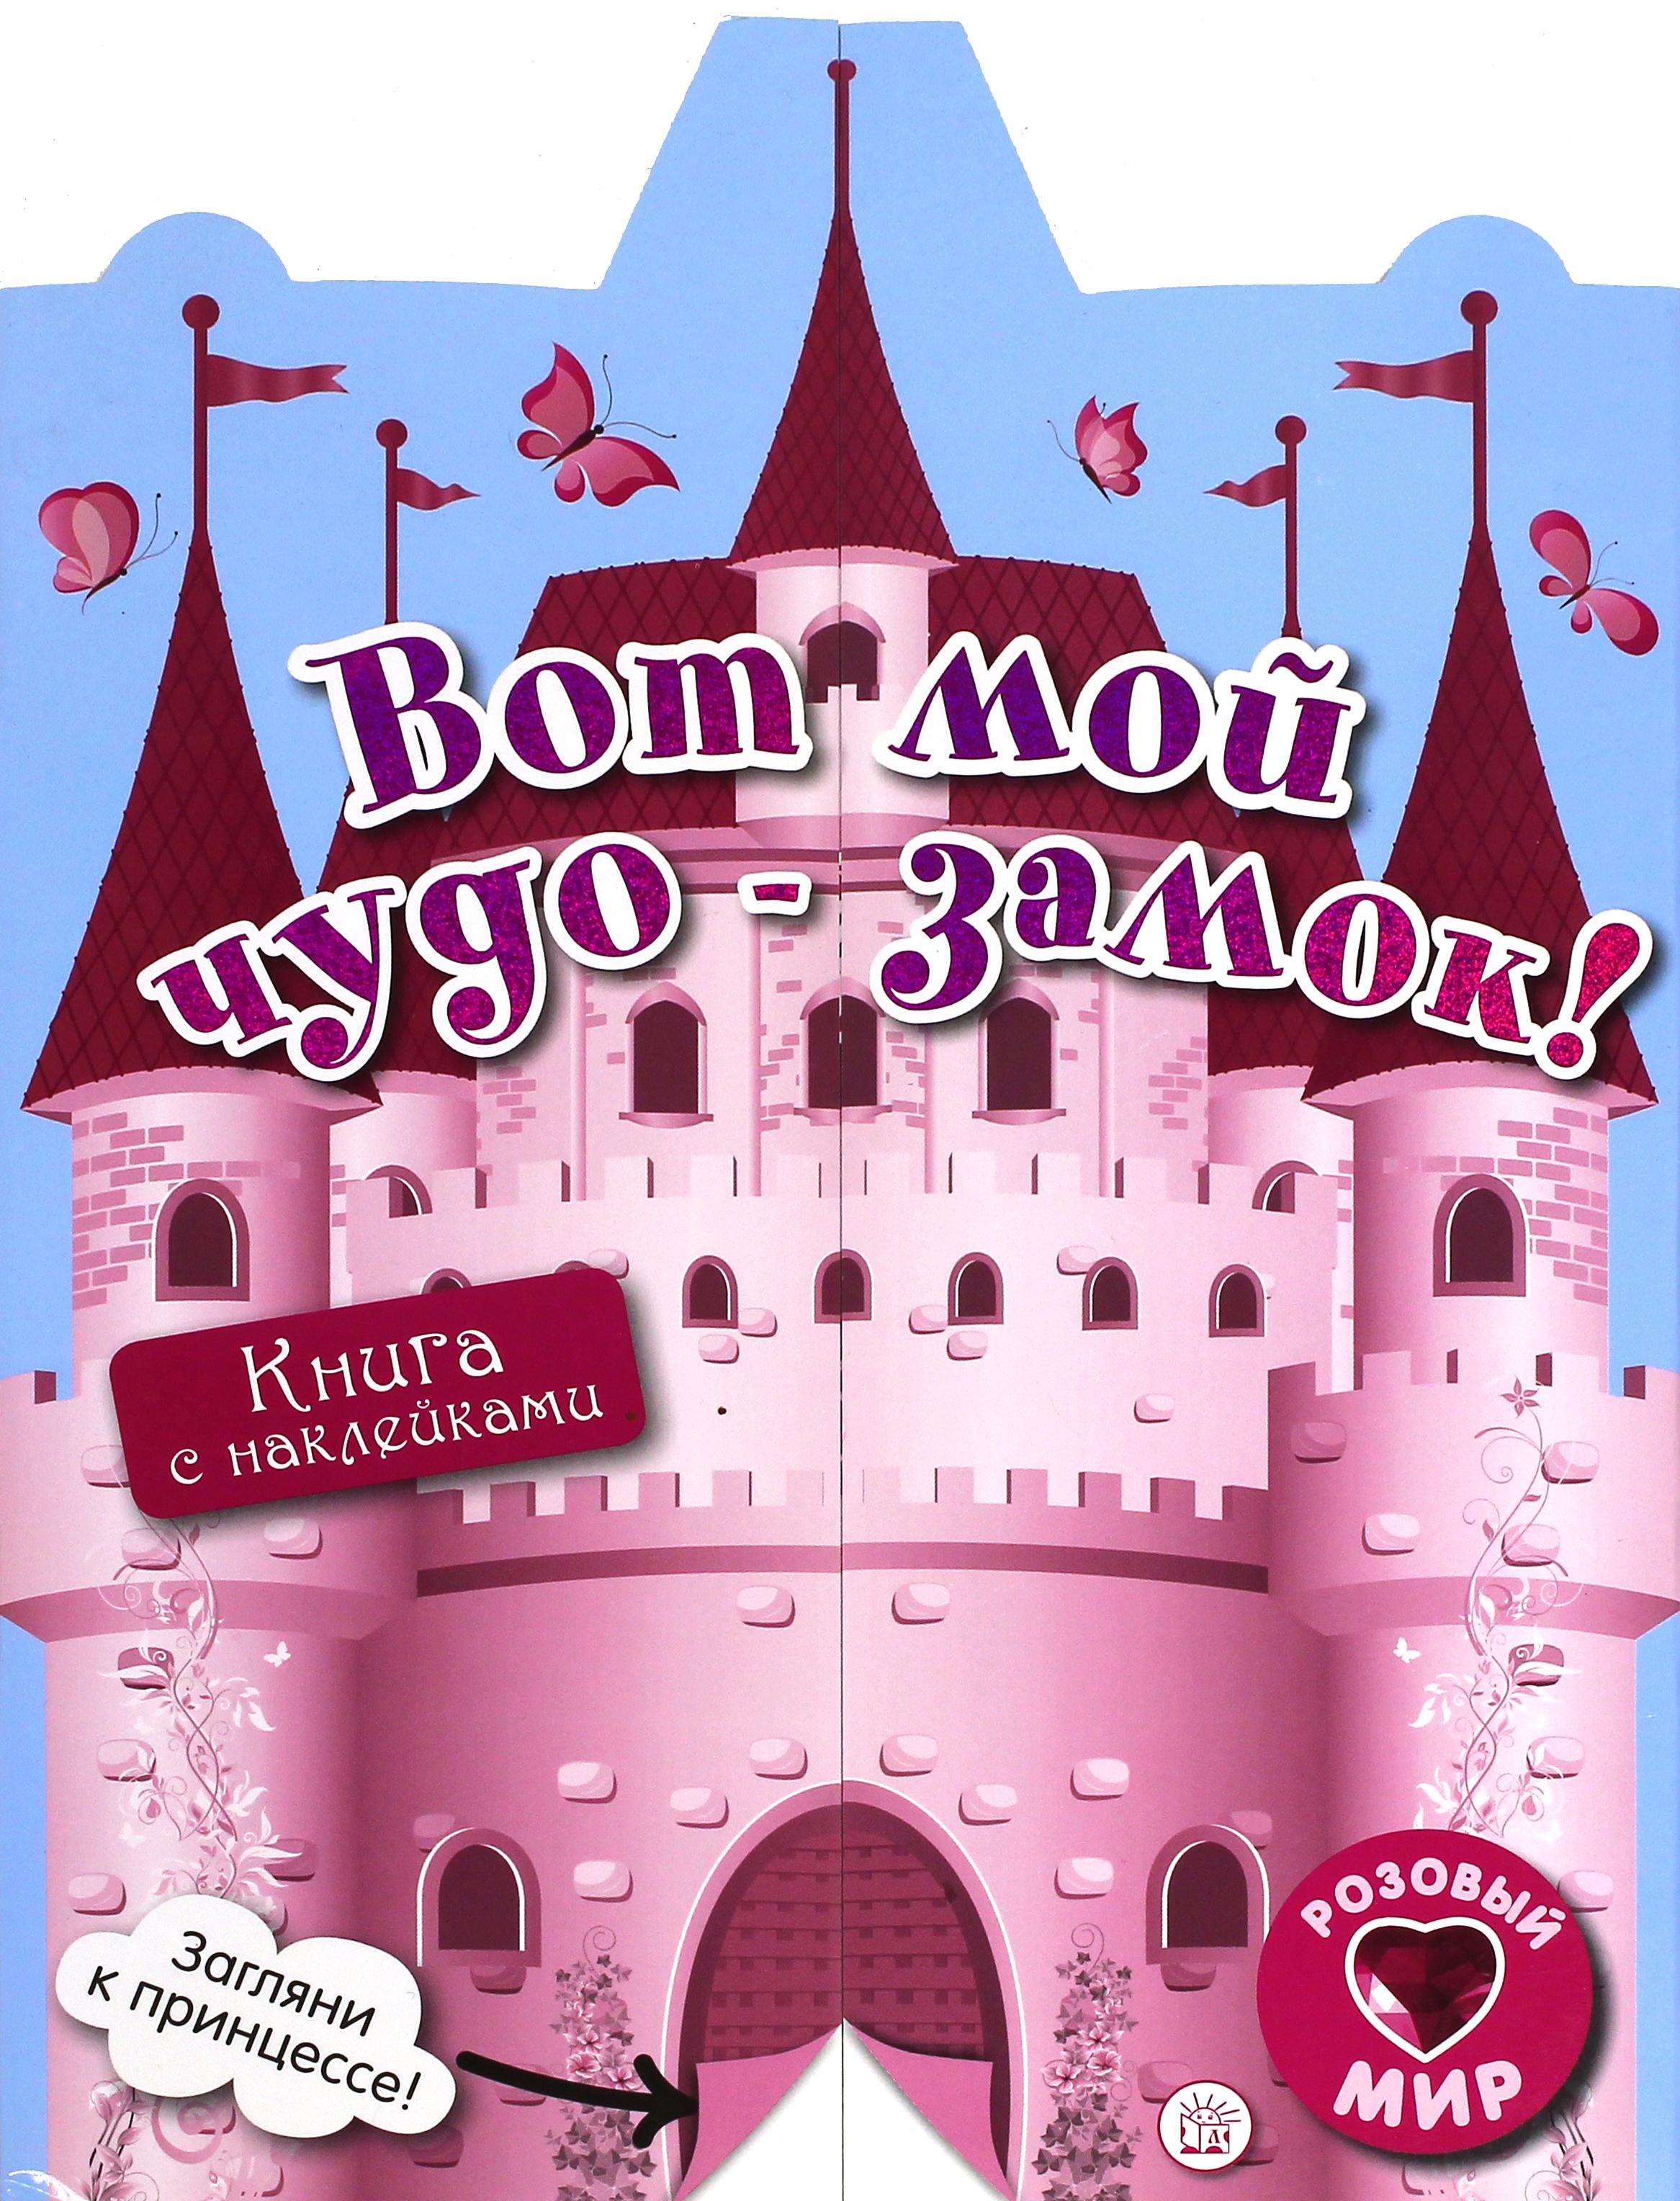 Книга с наклейками Лабиринт Розовый мир: Вот мой чудо-замок!